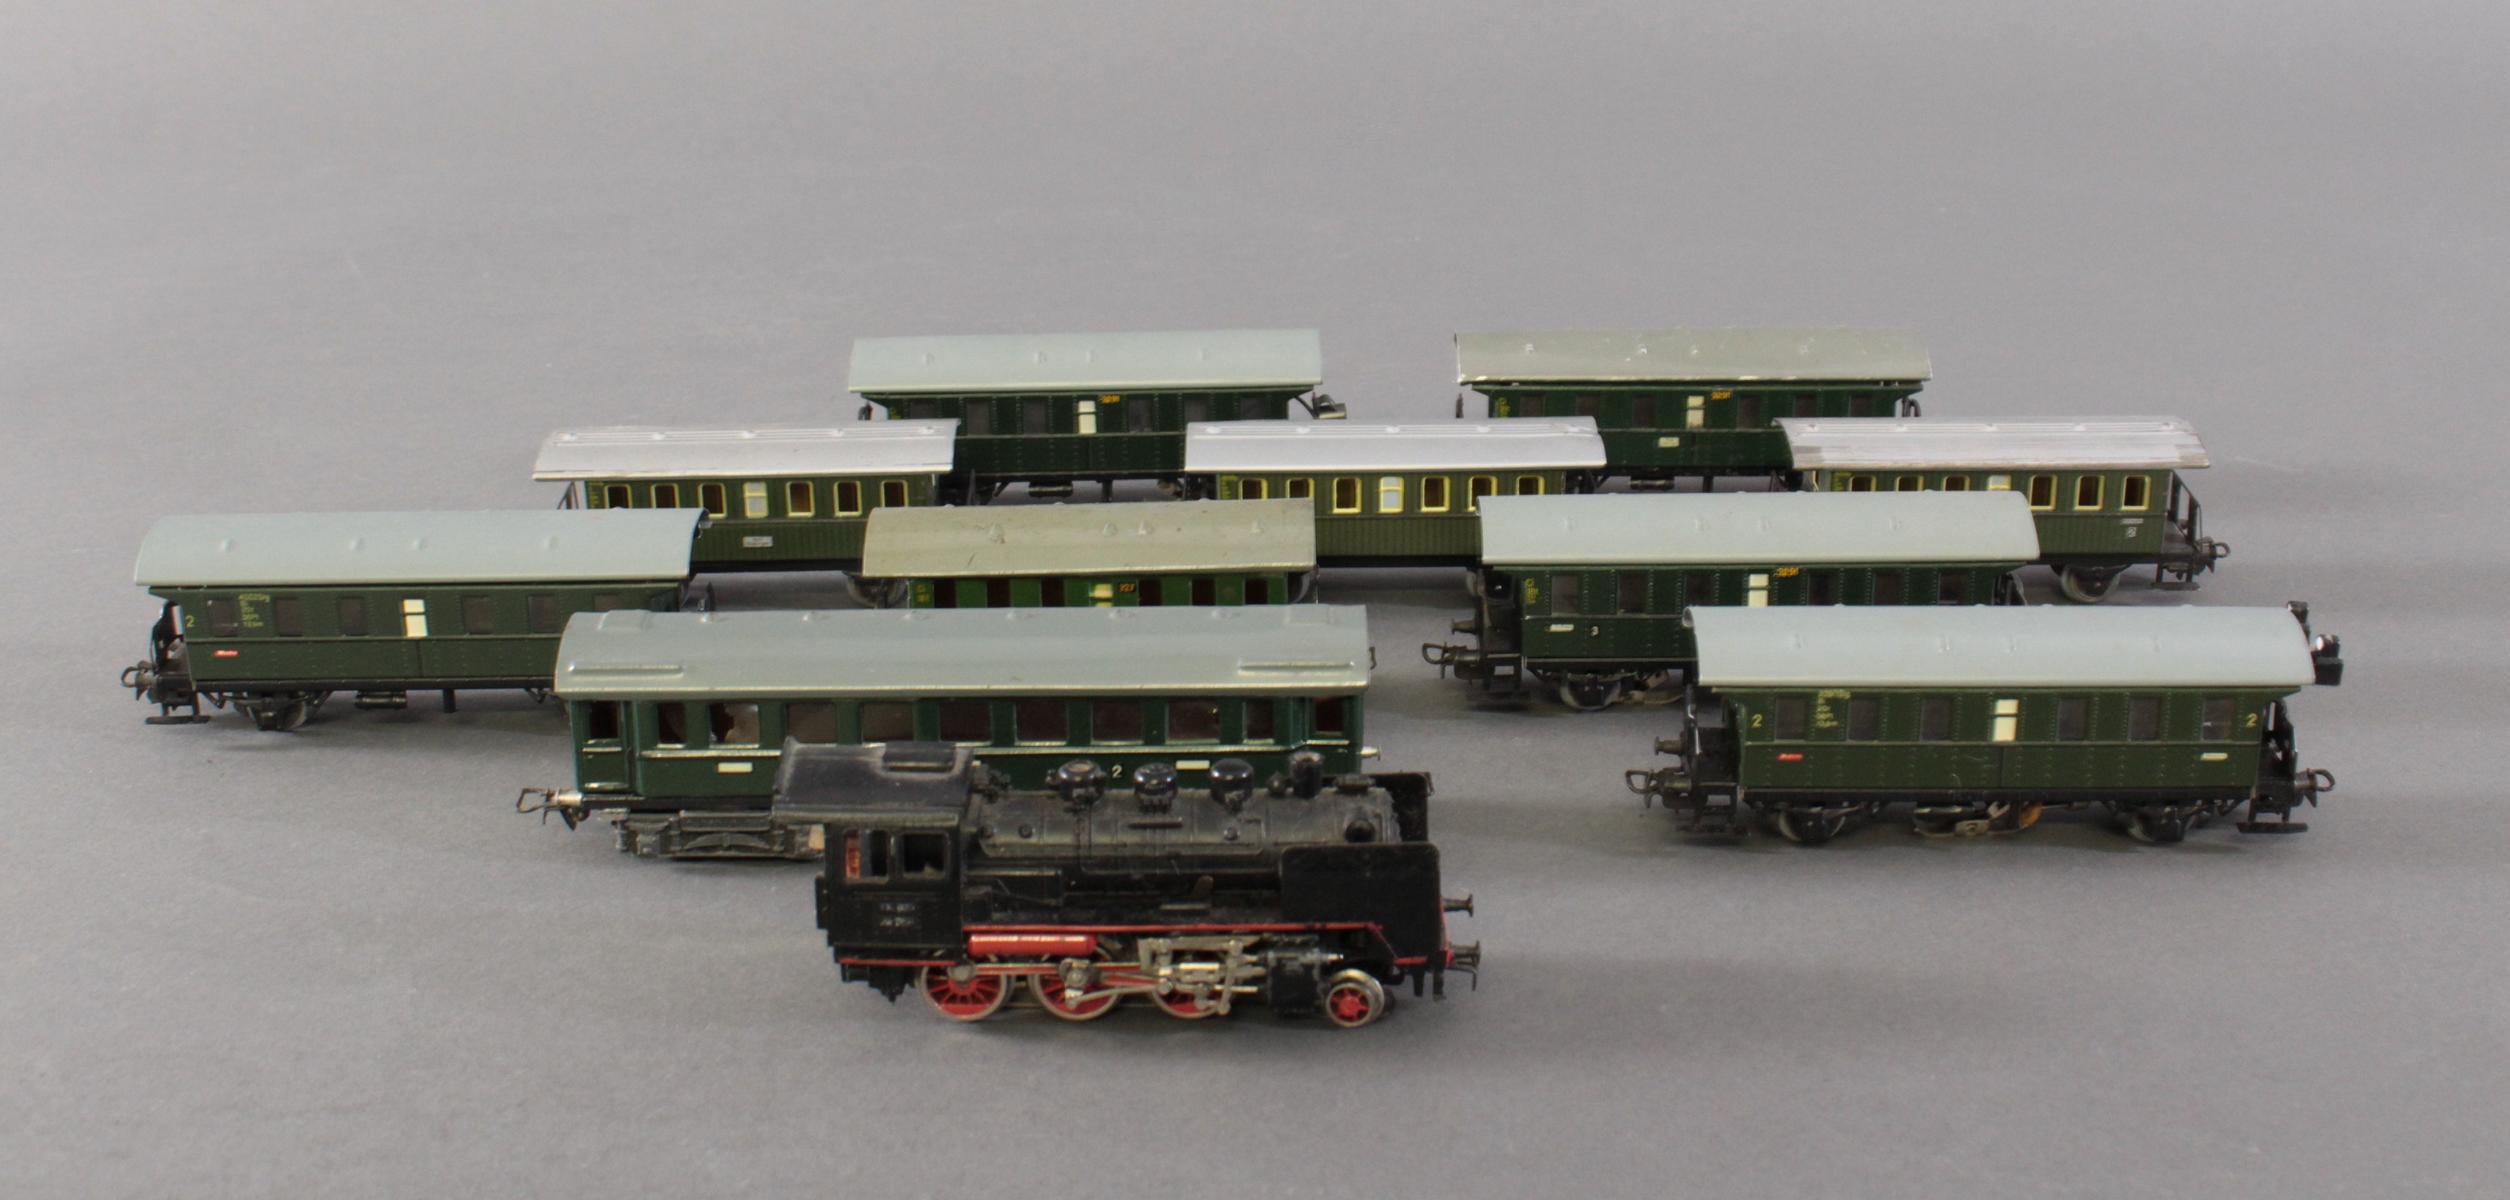 Märklin Dampflok BR 24 058 mit 10 Personenwaggons aus Blech, Spur H0